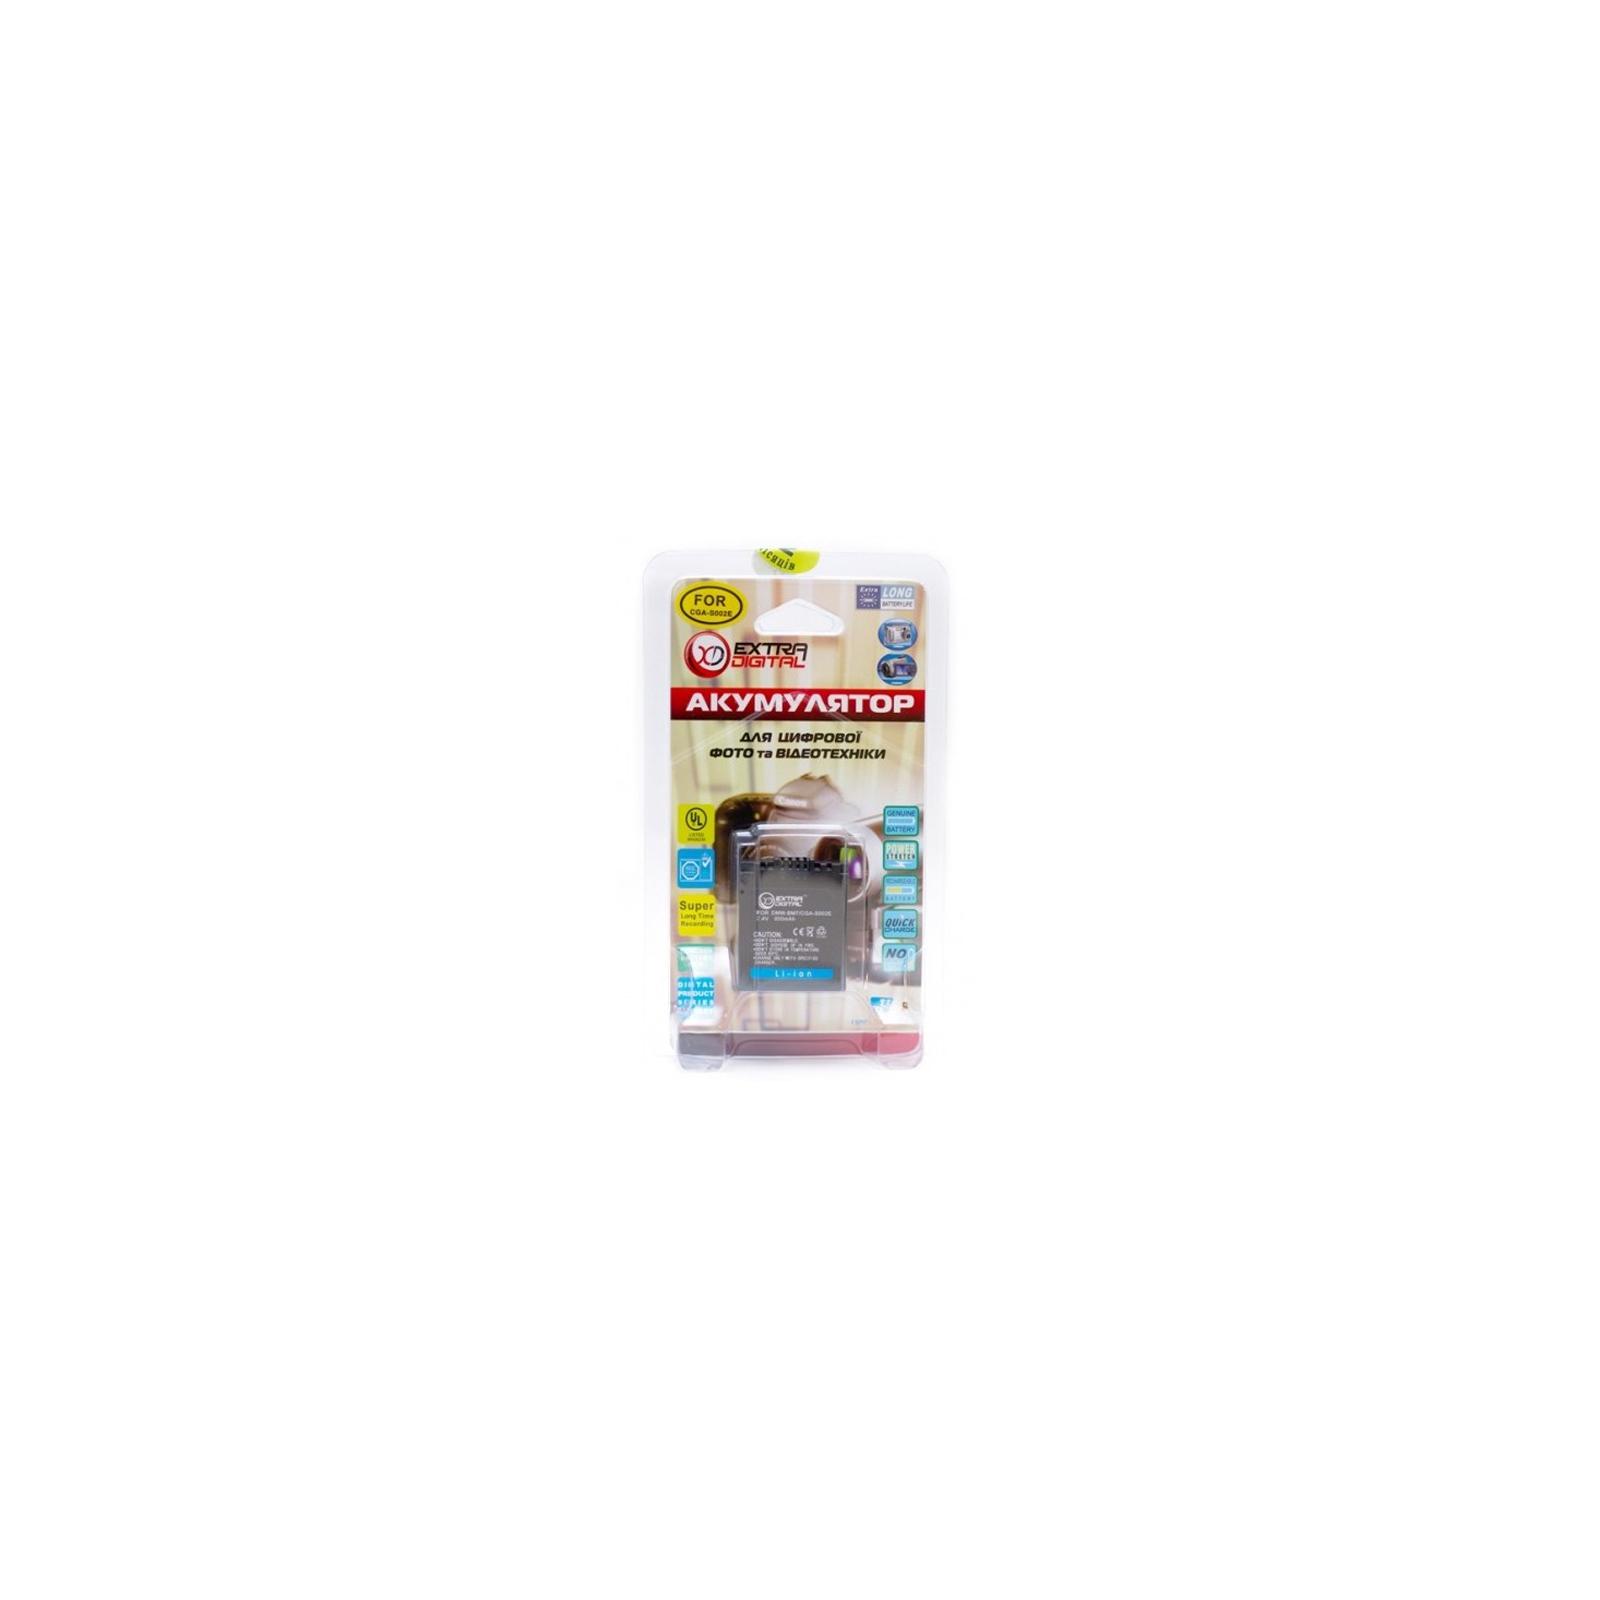 Аккумулятор к фото/видео EXTRADIGITAL Panasonic CGA-S002, DMW-BM7 (BDP2551) изображение 3